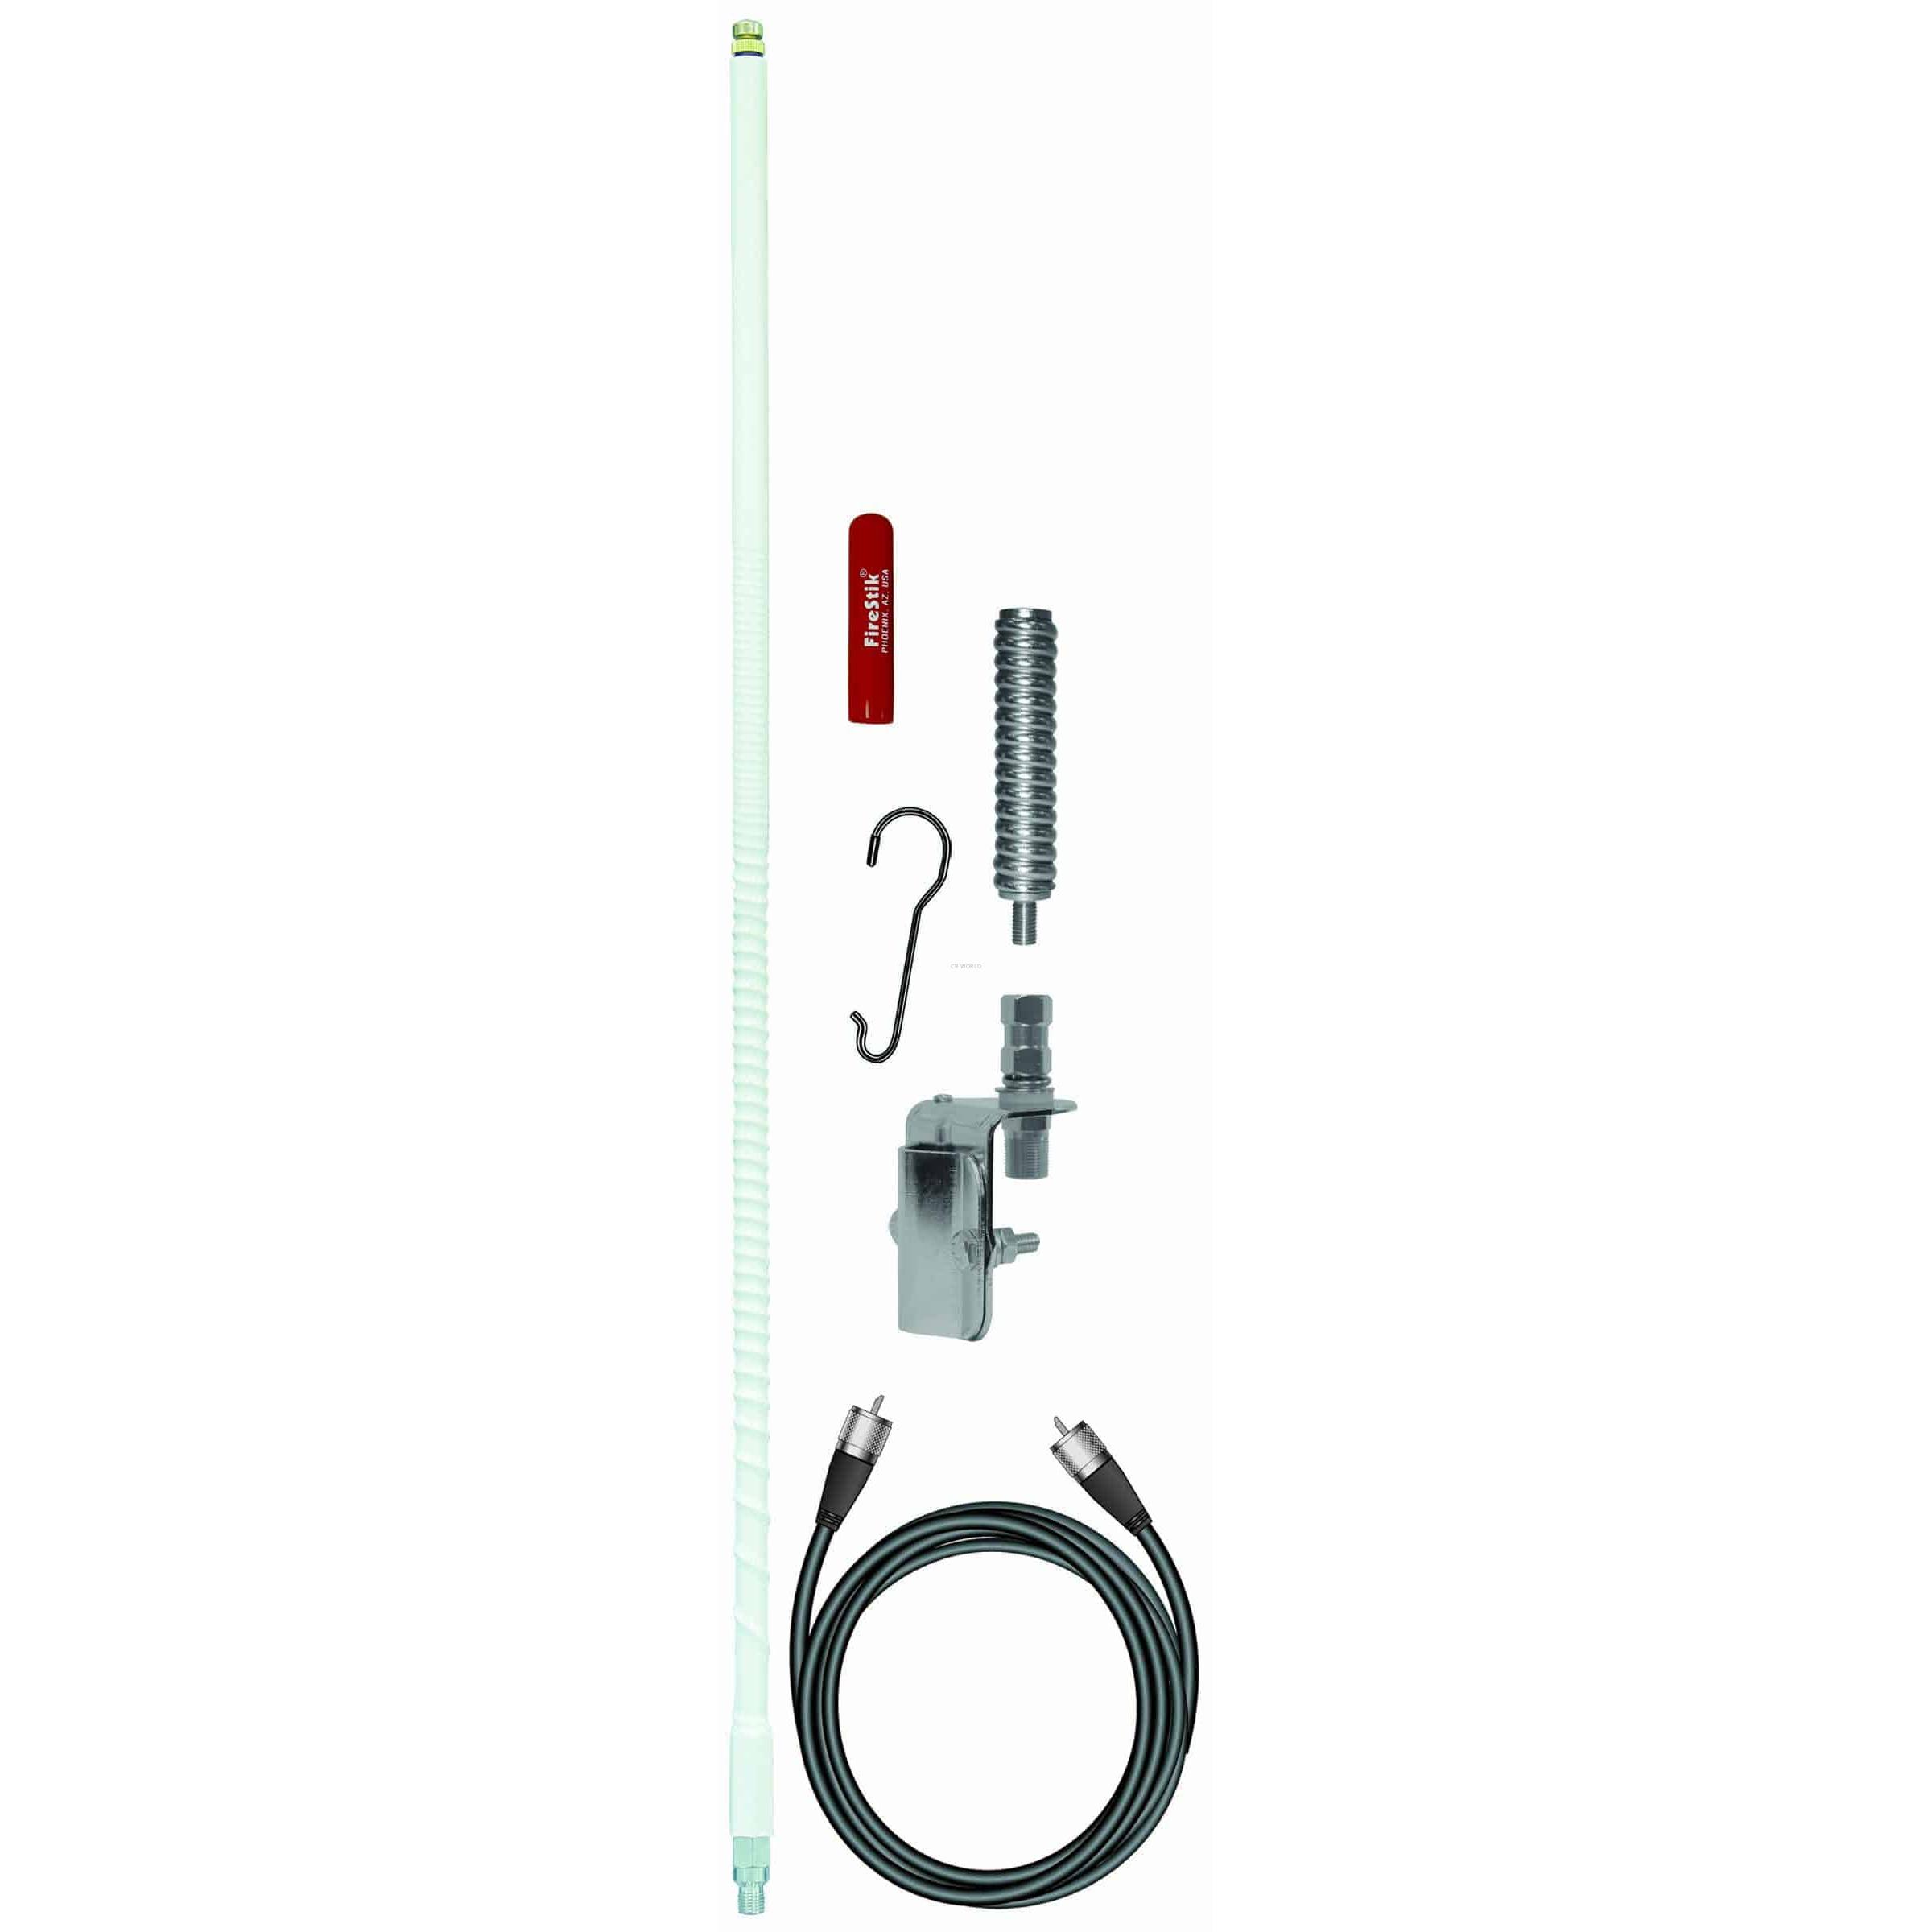 cb radio wiring kit